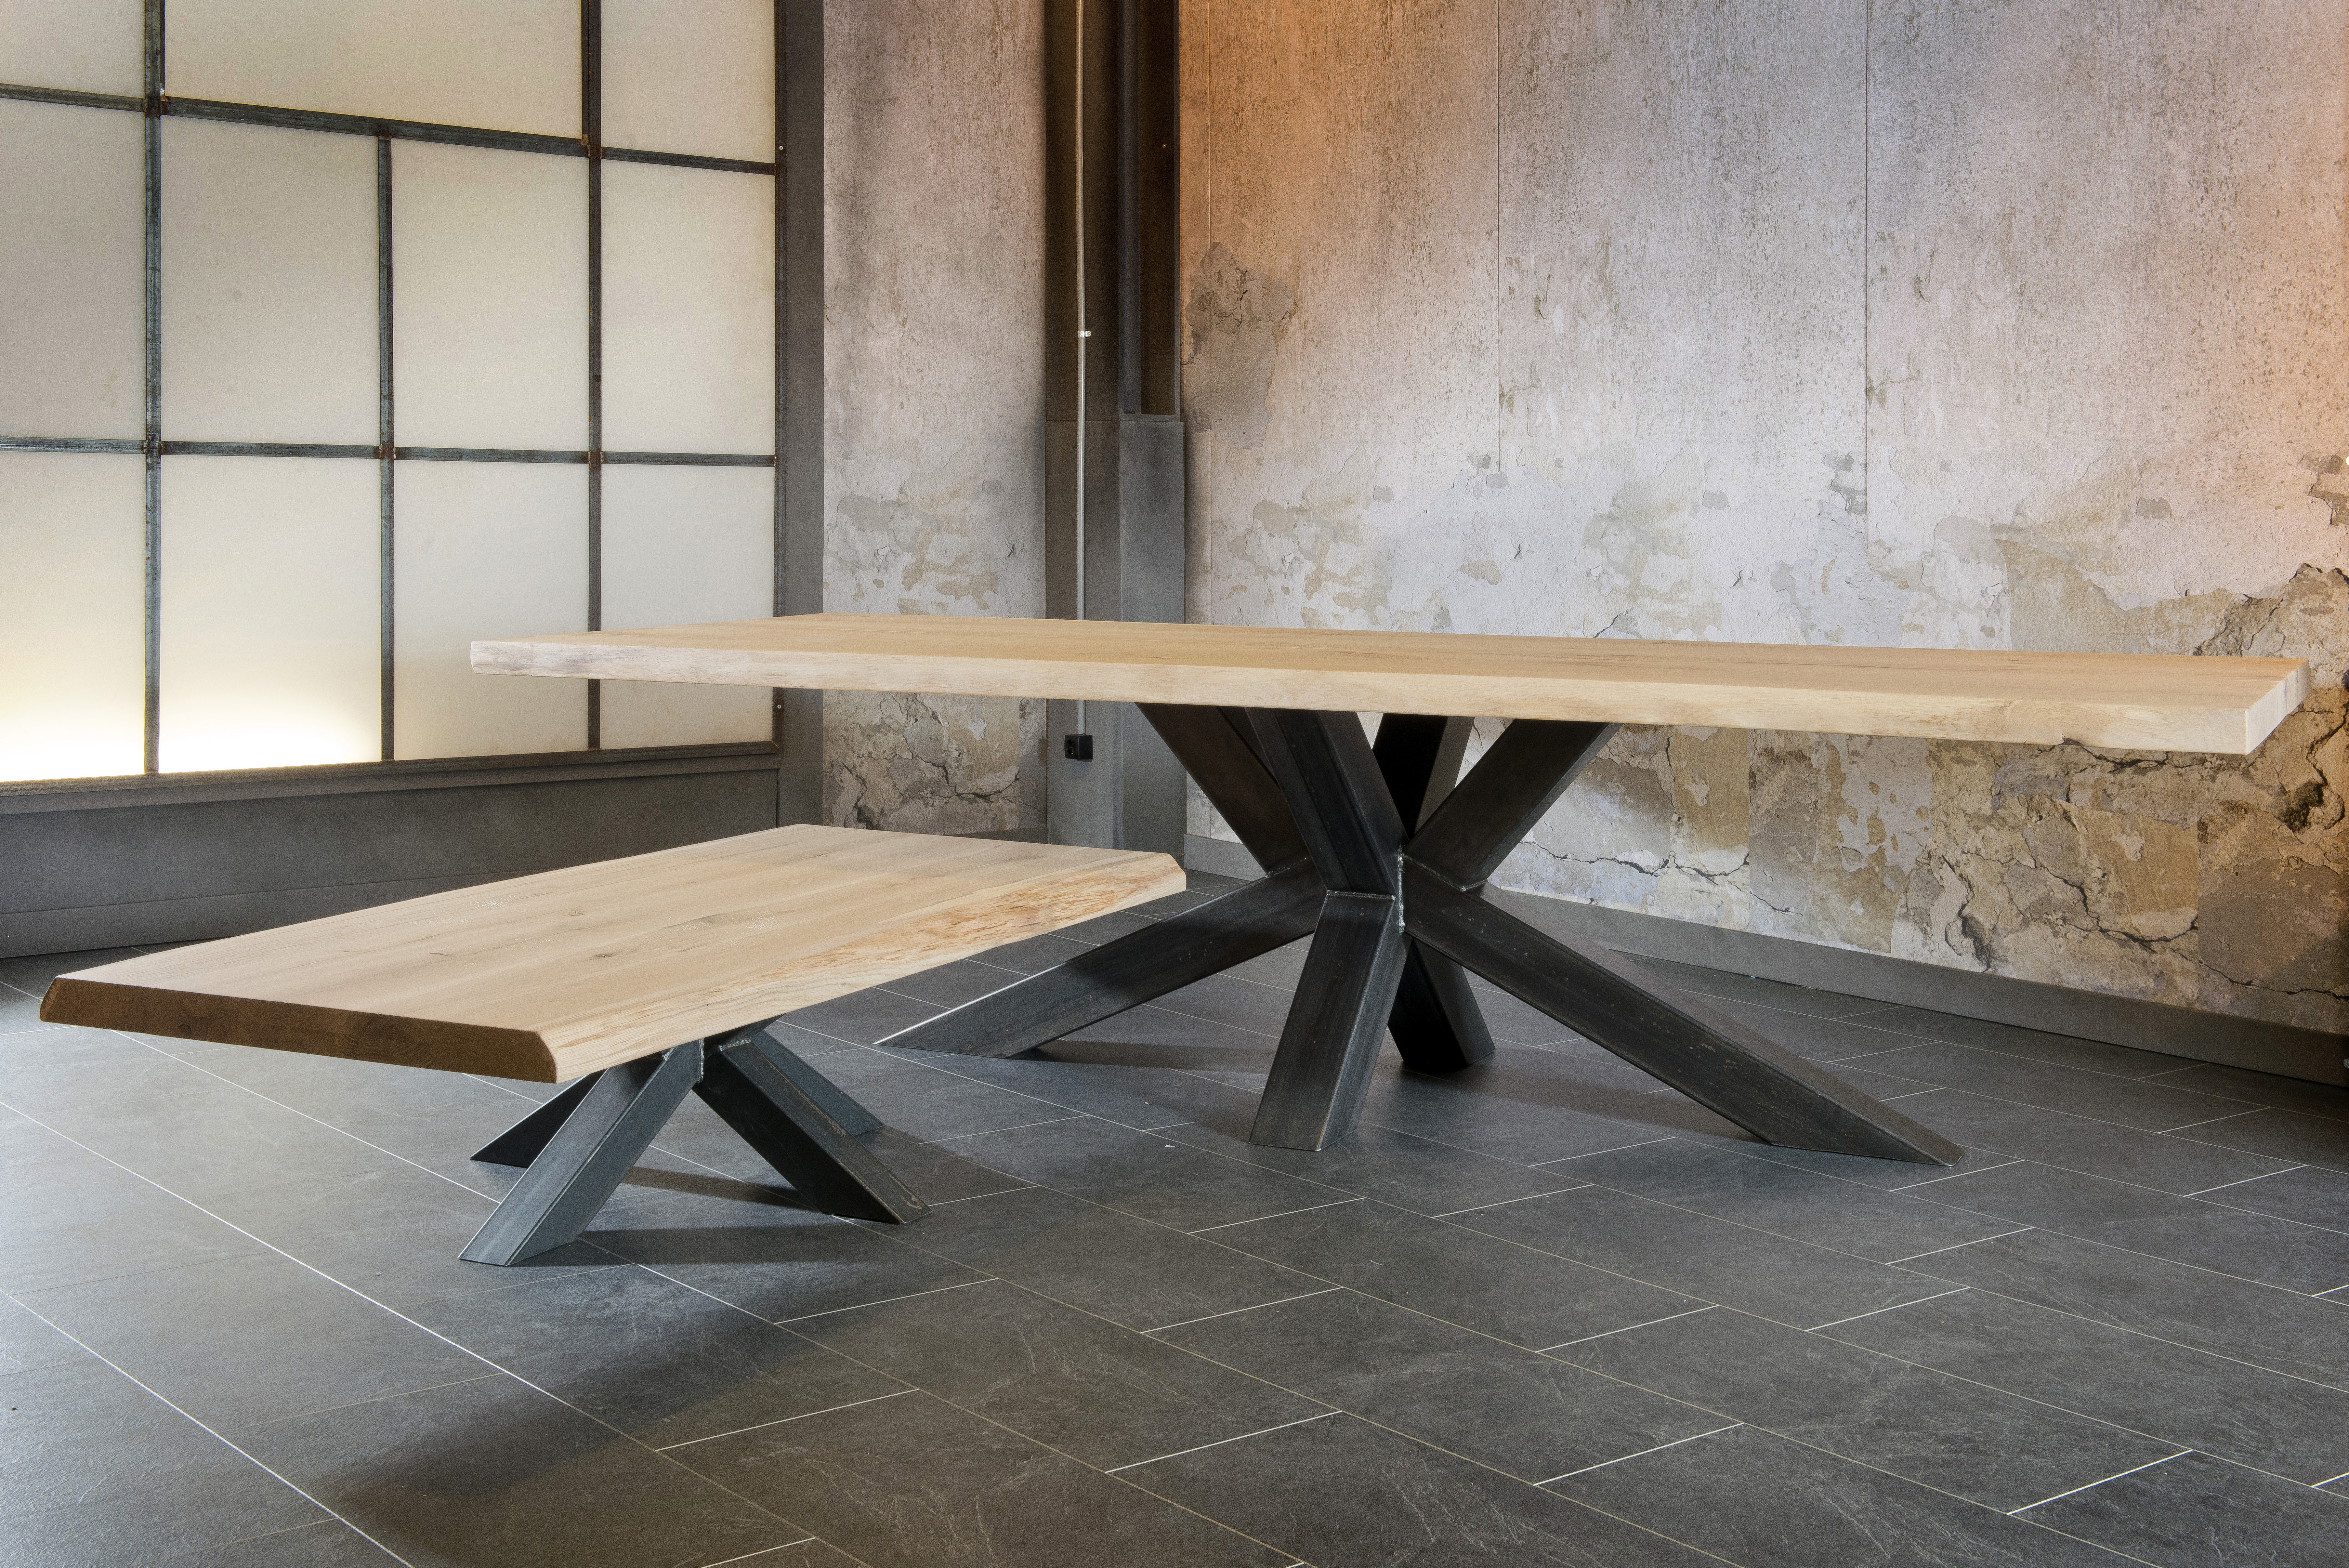 Préféré salle a manger industriel pied metal plateau bois chêne massif @SR_32